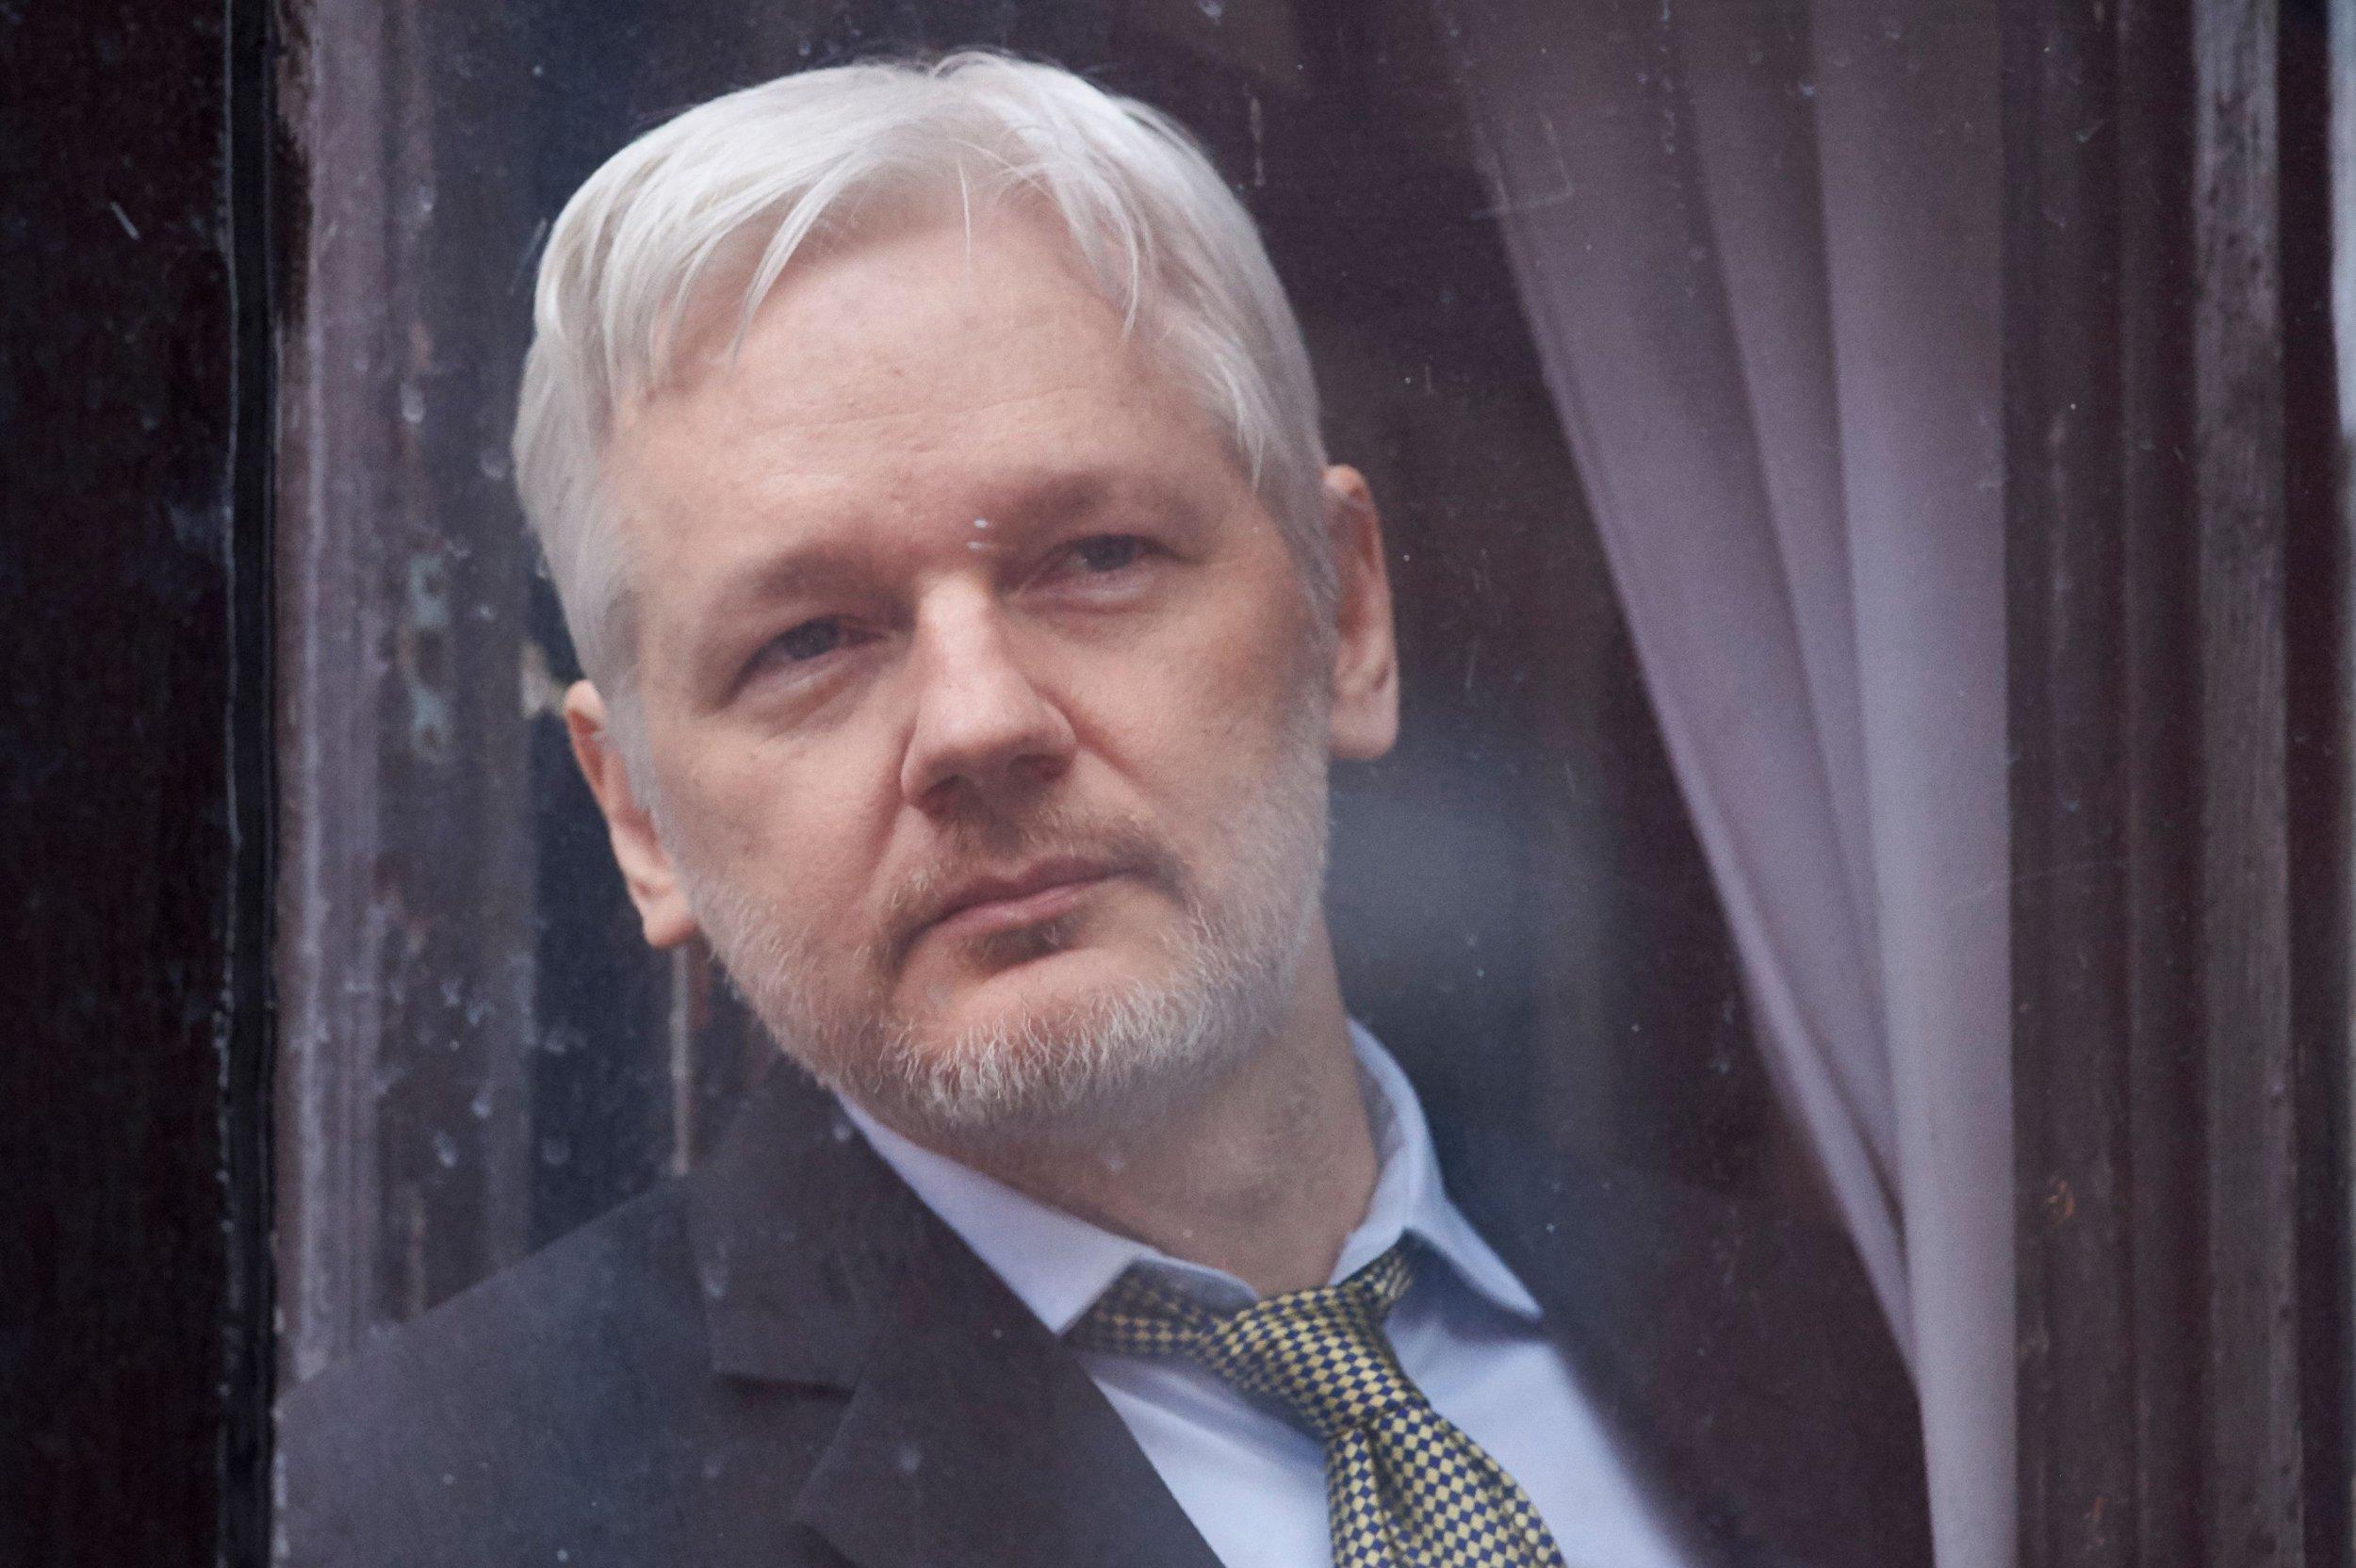 04_30_Assange_First_01